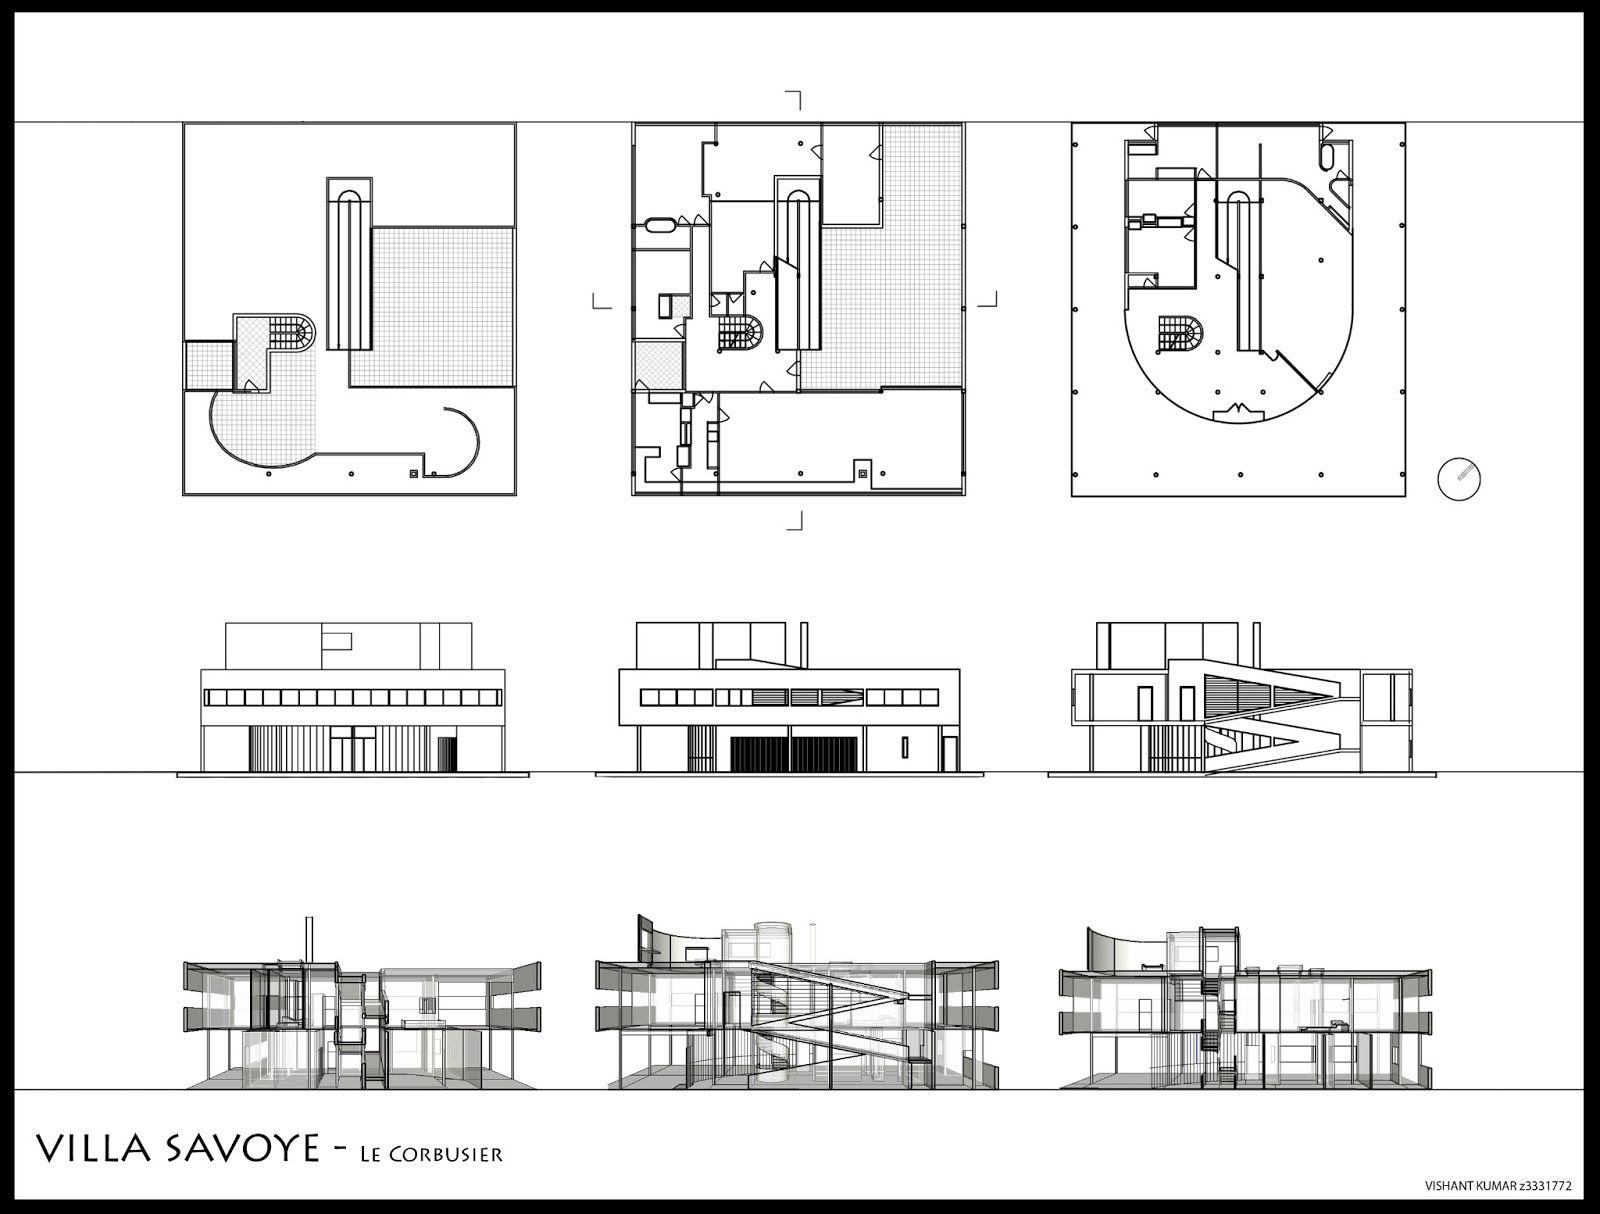 Villa Savoye Le Corbusier Floor Plan Elevations and plans o...